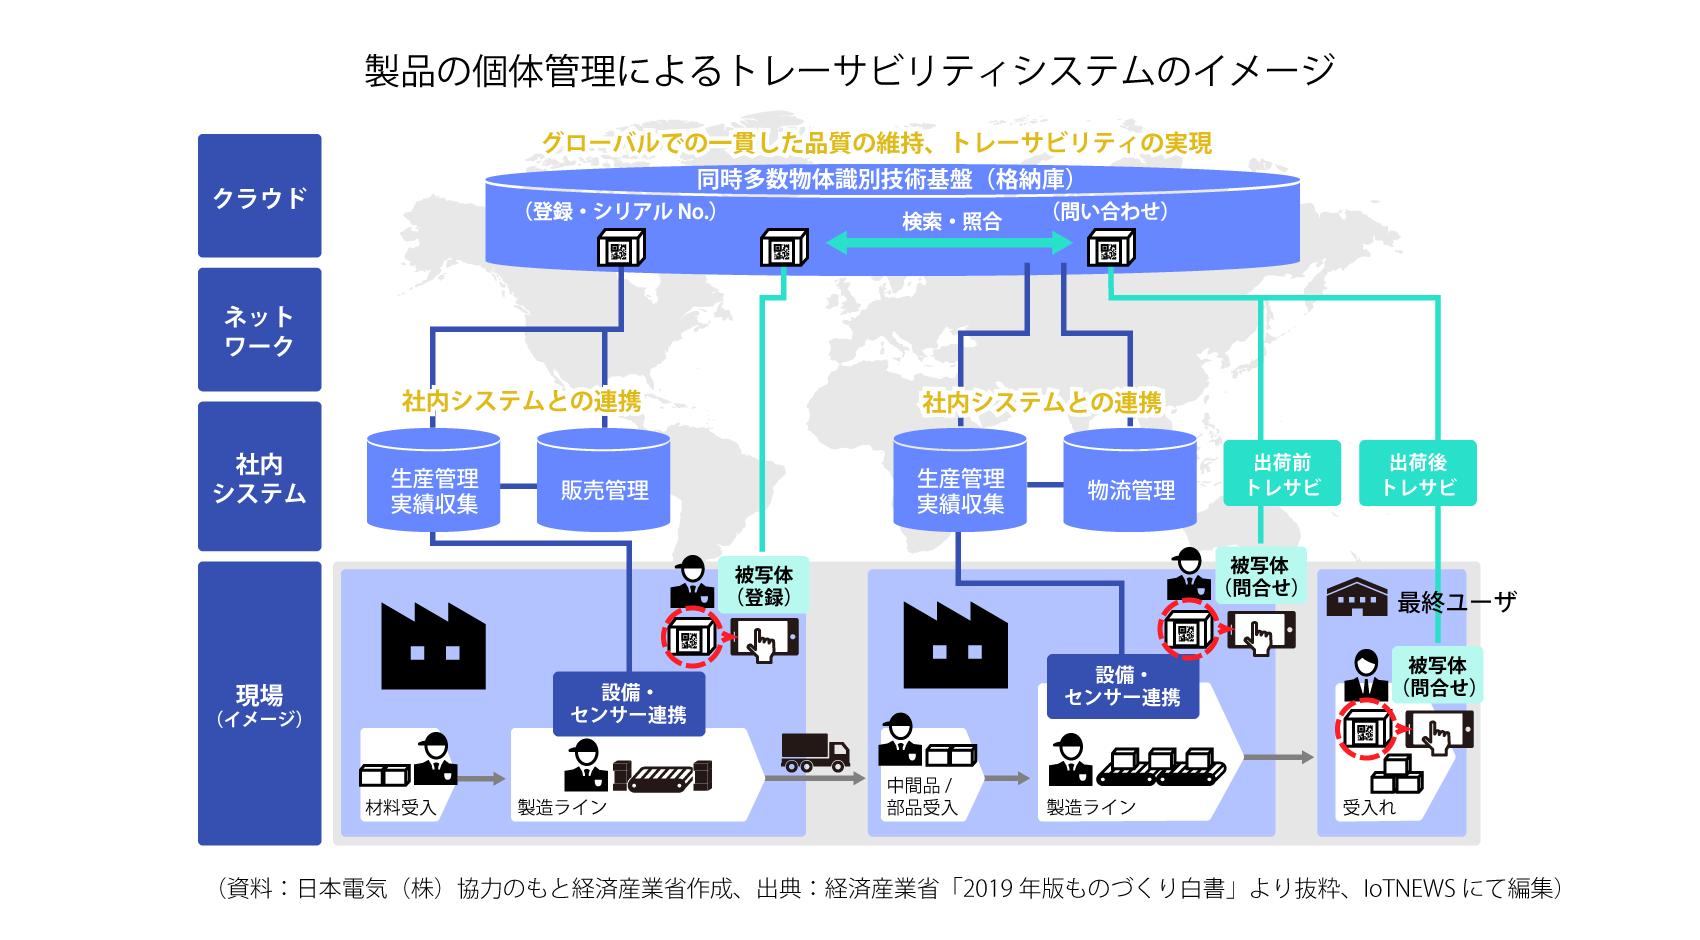 製品の個体管理によるトレーサビリティシステムのイメージ